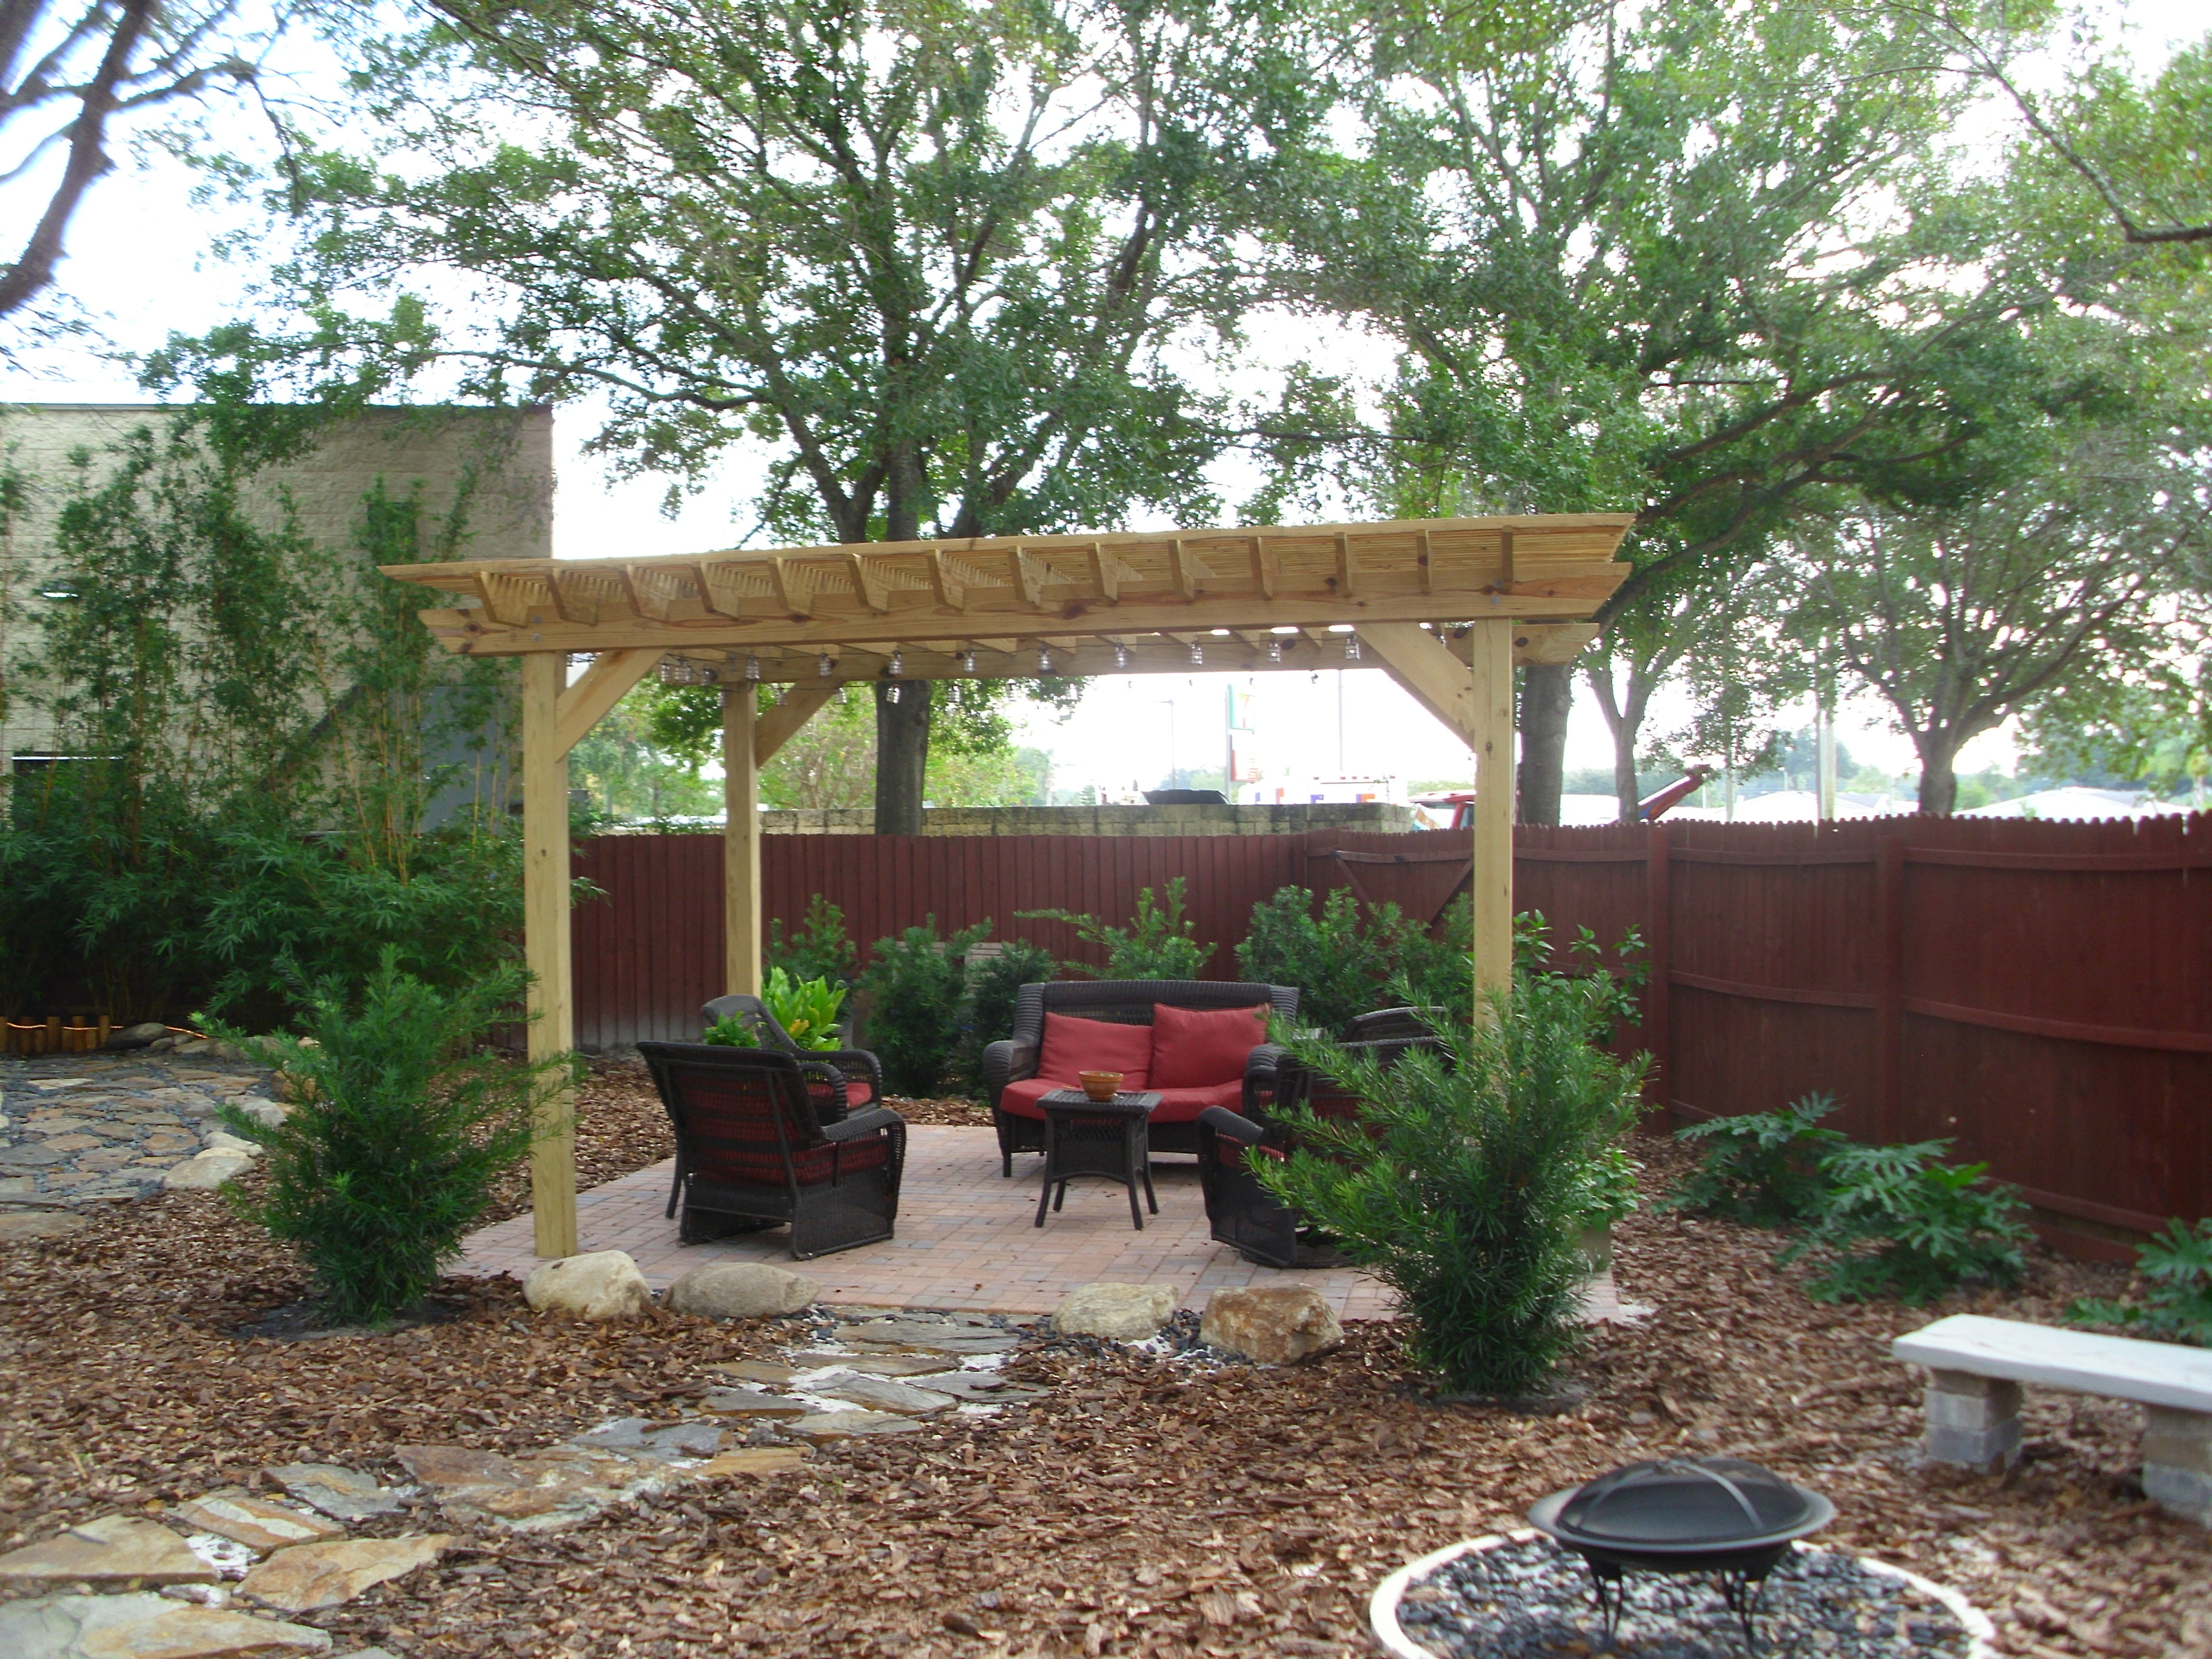 Apres Massage Meditation Garden